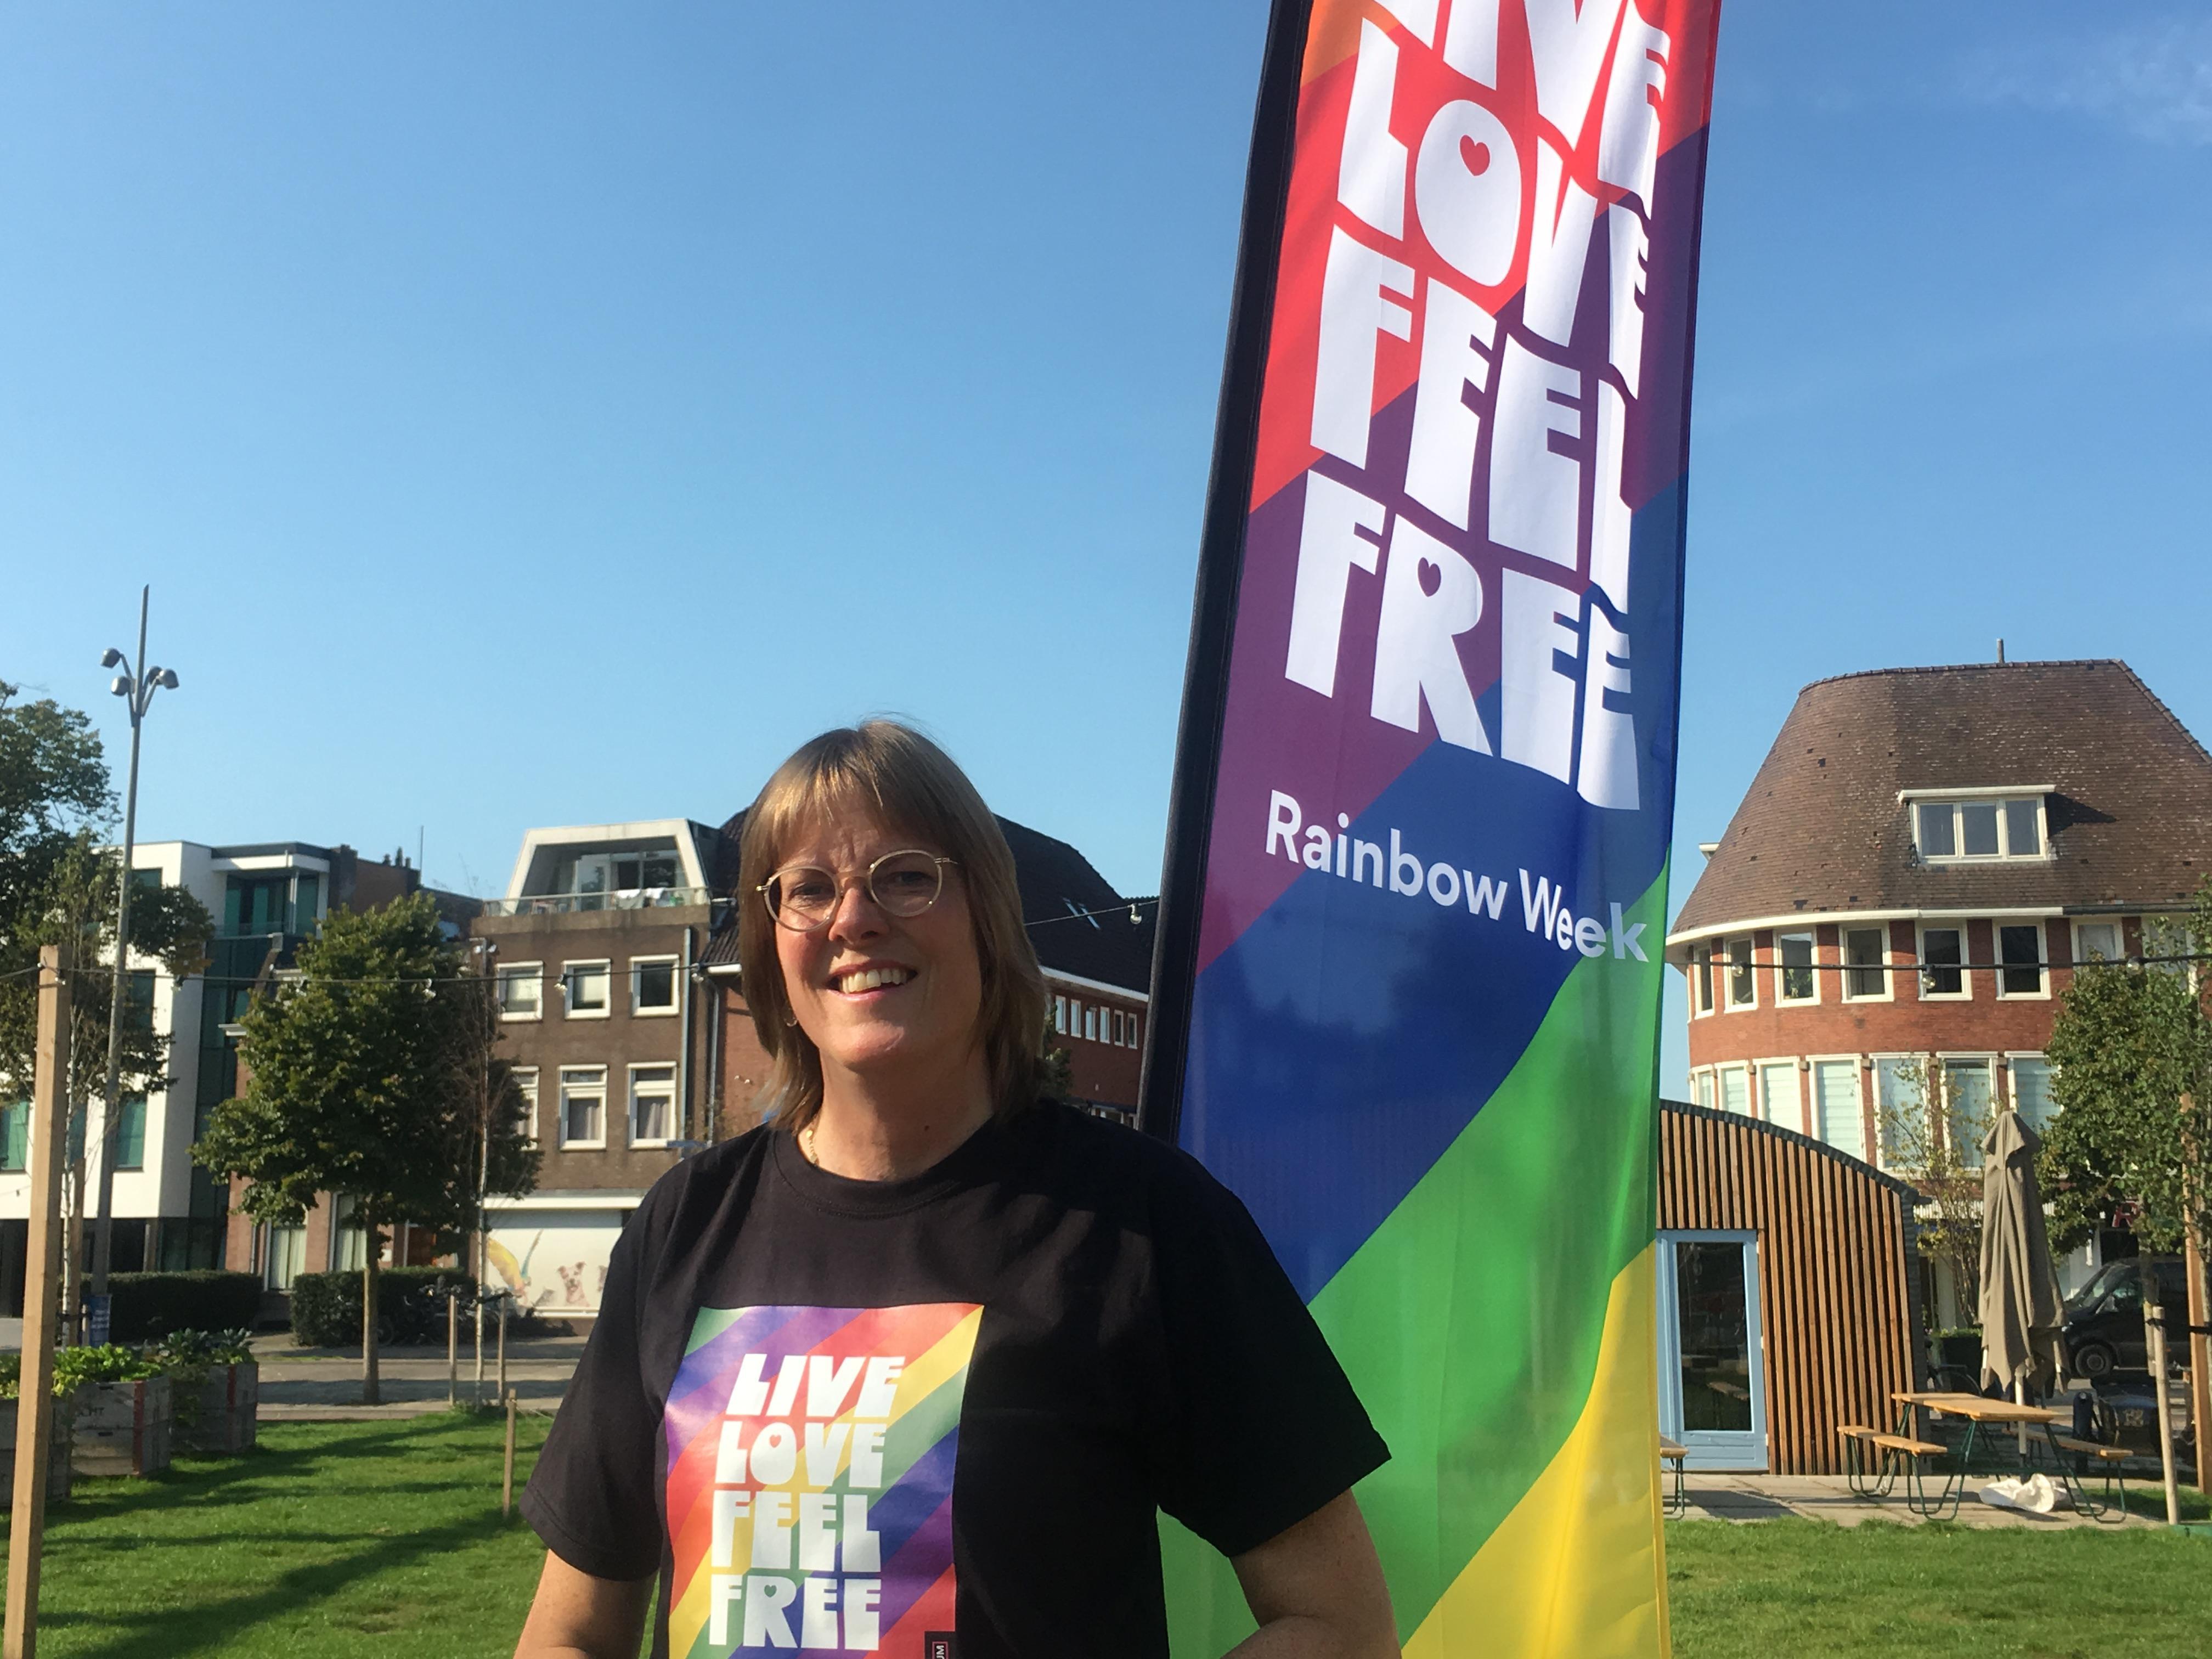 Wie verdient de eerste Gooische Rainbow Award? Hilversum introduceert prijs voor dé persoon die zich belangeloos inzet voor LHBTI+gemeenschap